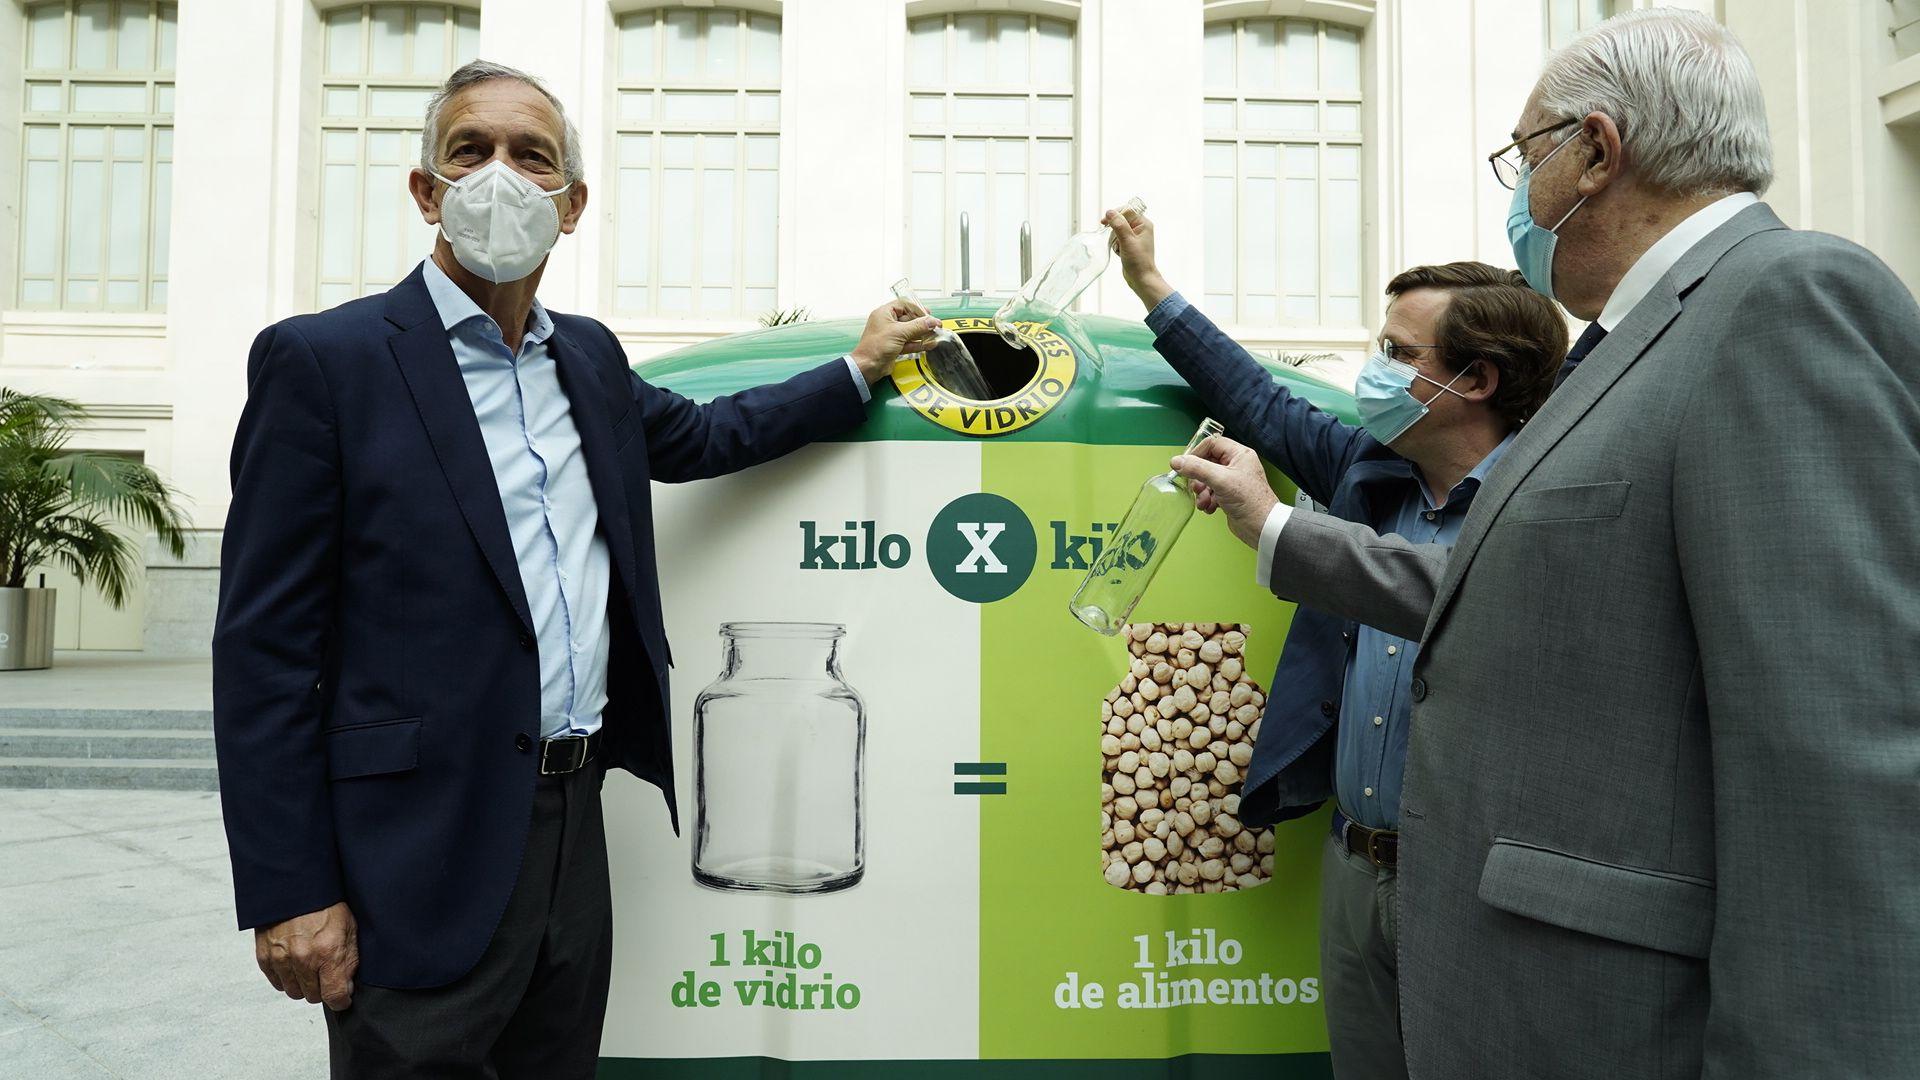 campaña kilo x kilo de Ecovidrio con el alcalde de Madrid José Luis Martínez-Almeida